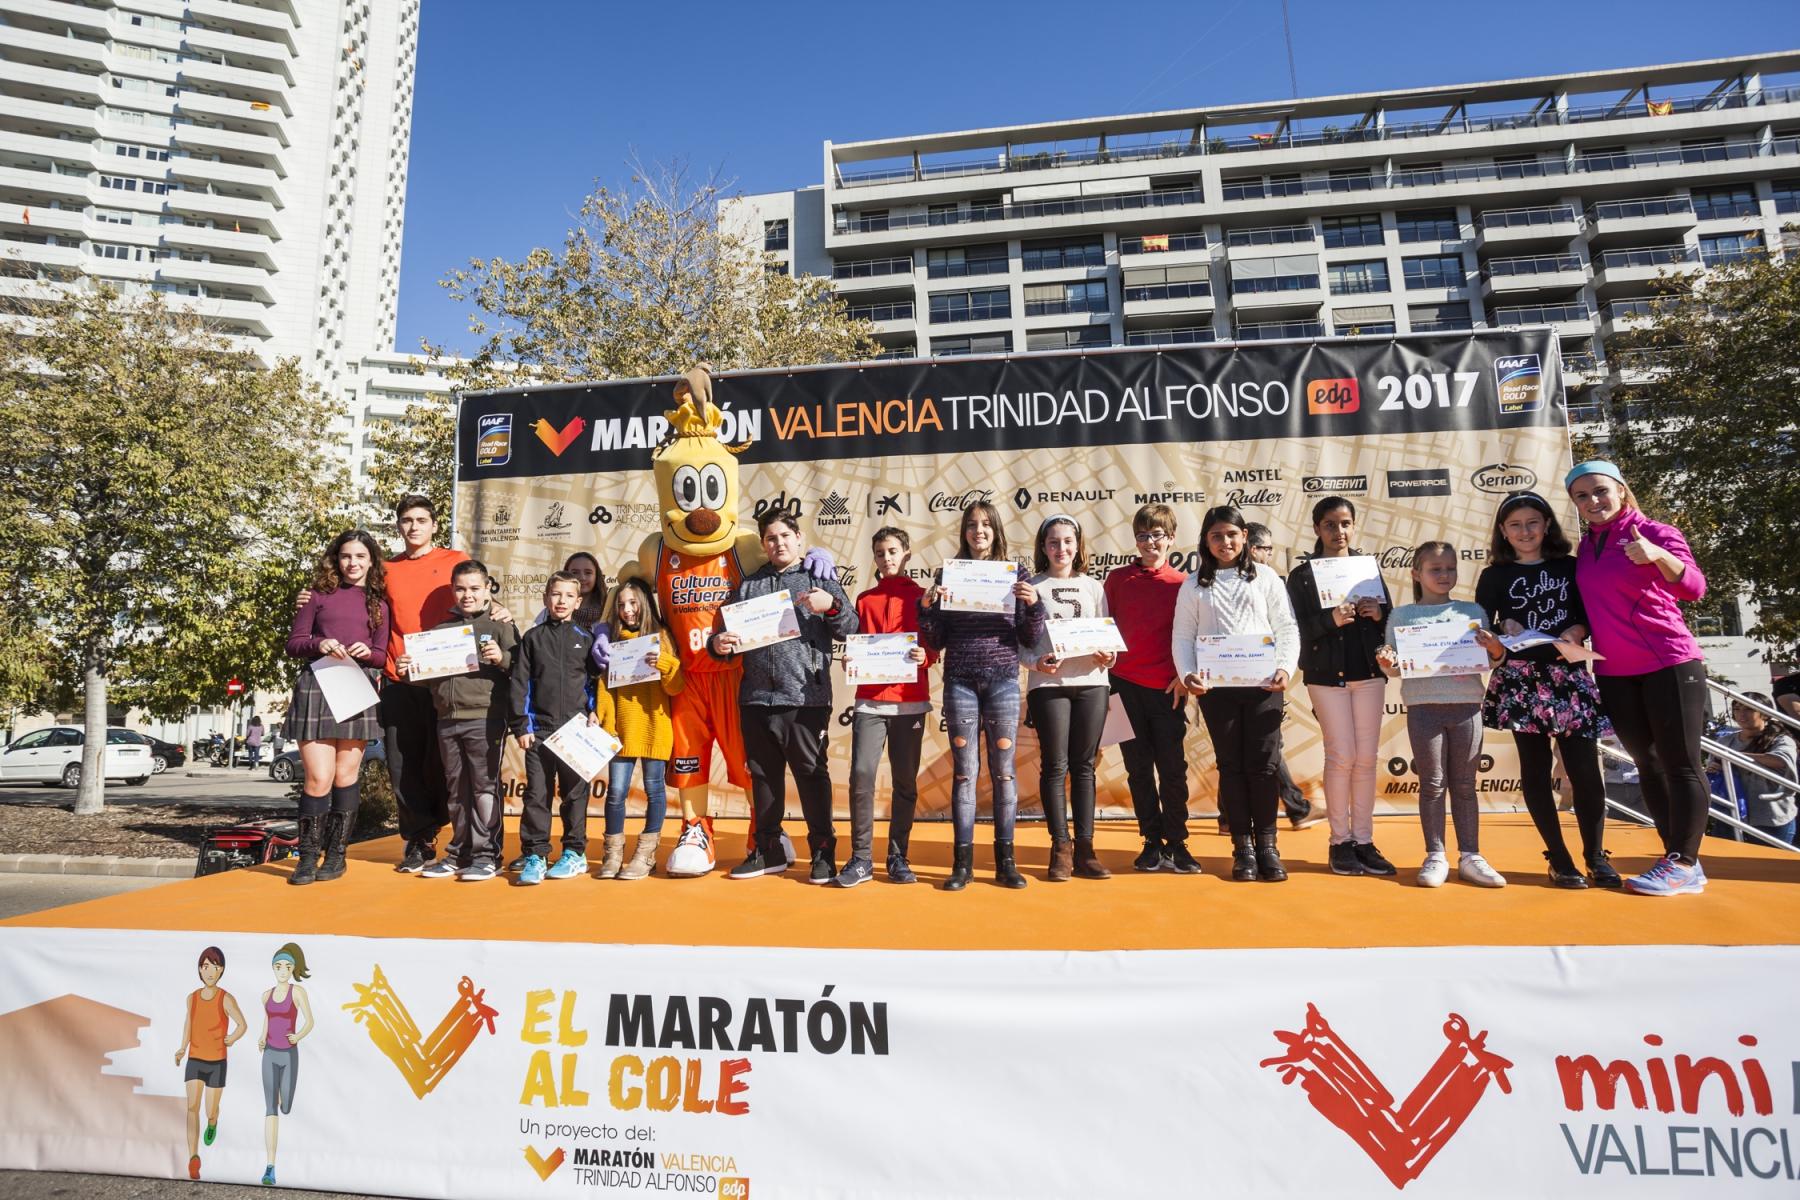 Maratón al Cole